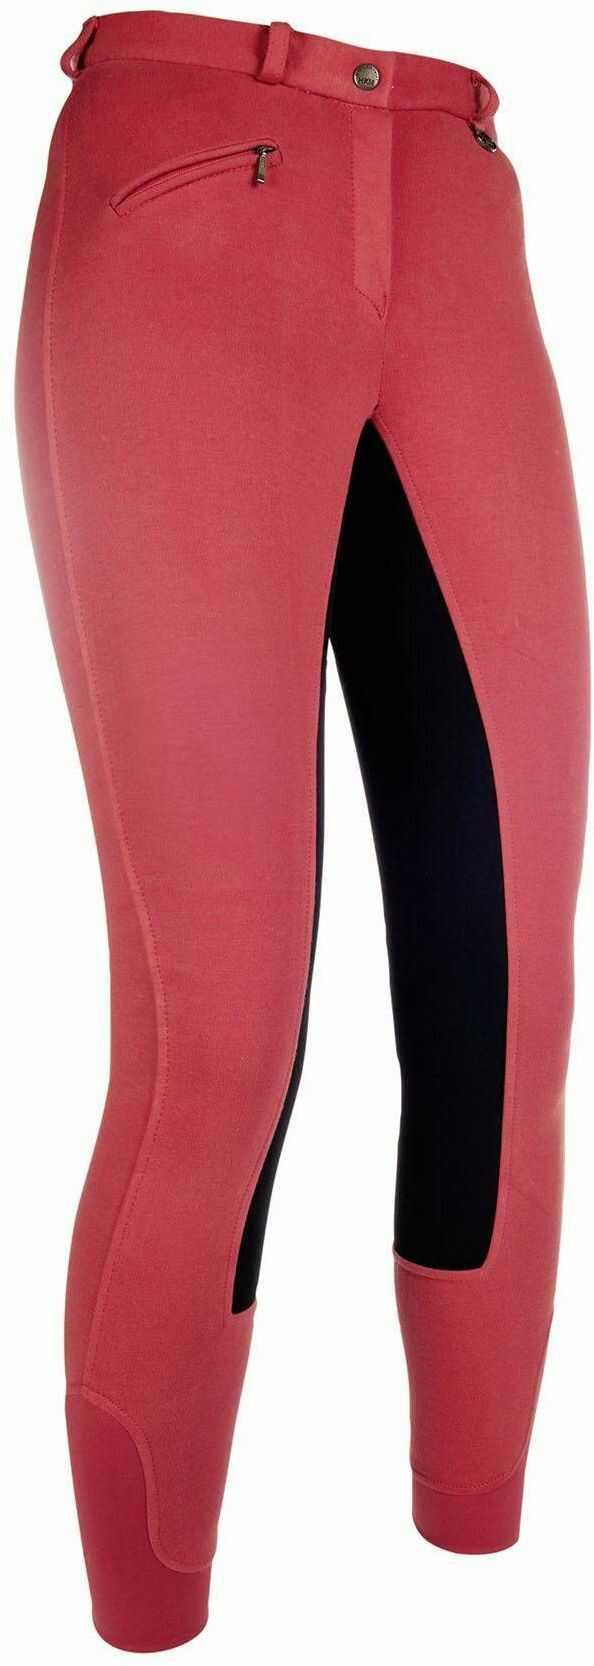 HKM Unisex spodnie jeździeckie Basic Belmtex Grip Easy - 3/4 obszycie beżowy czerwony/czarny 50